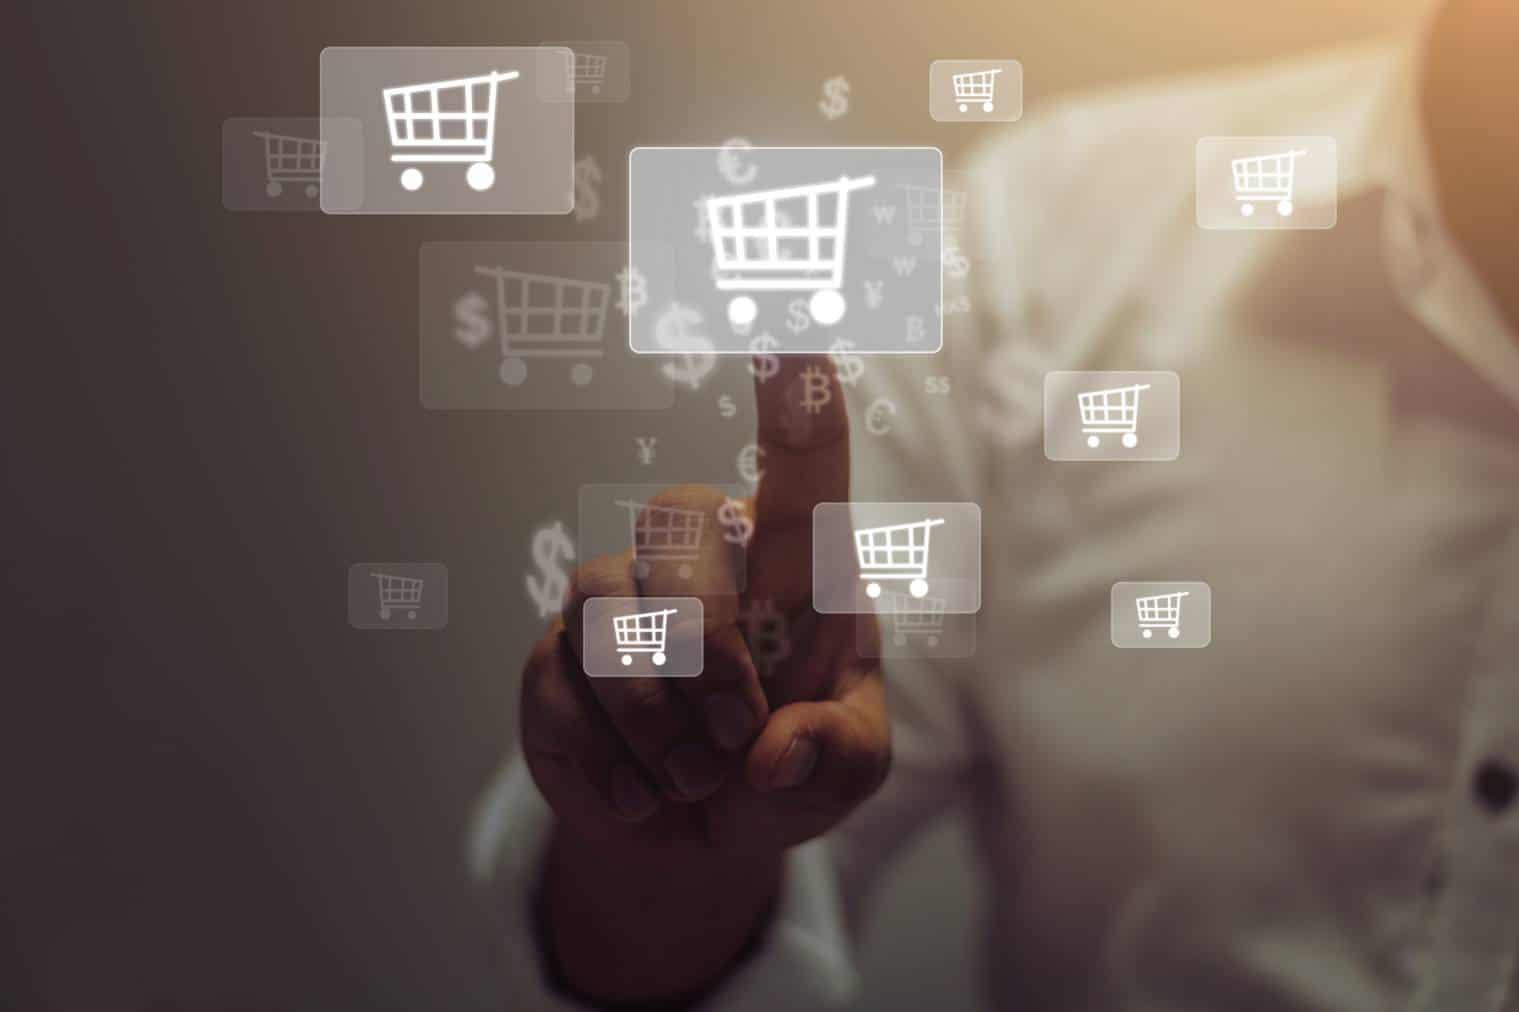 visuel demarquer commerce comment 2021